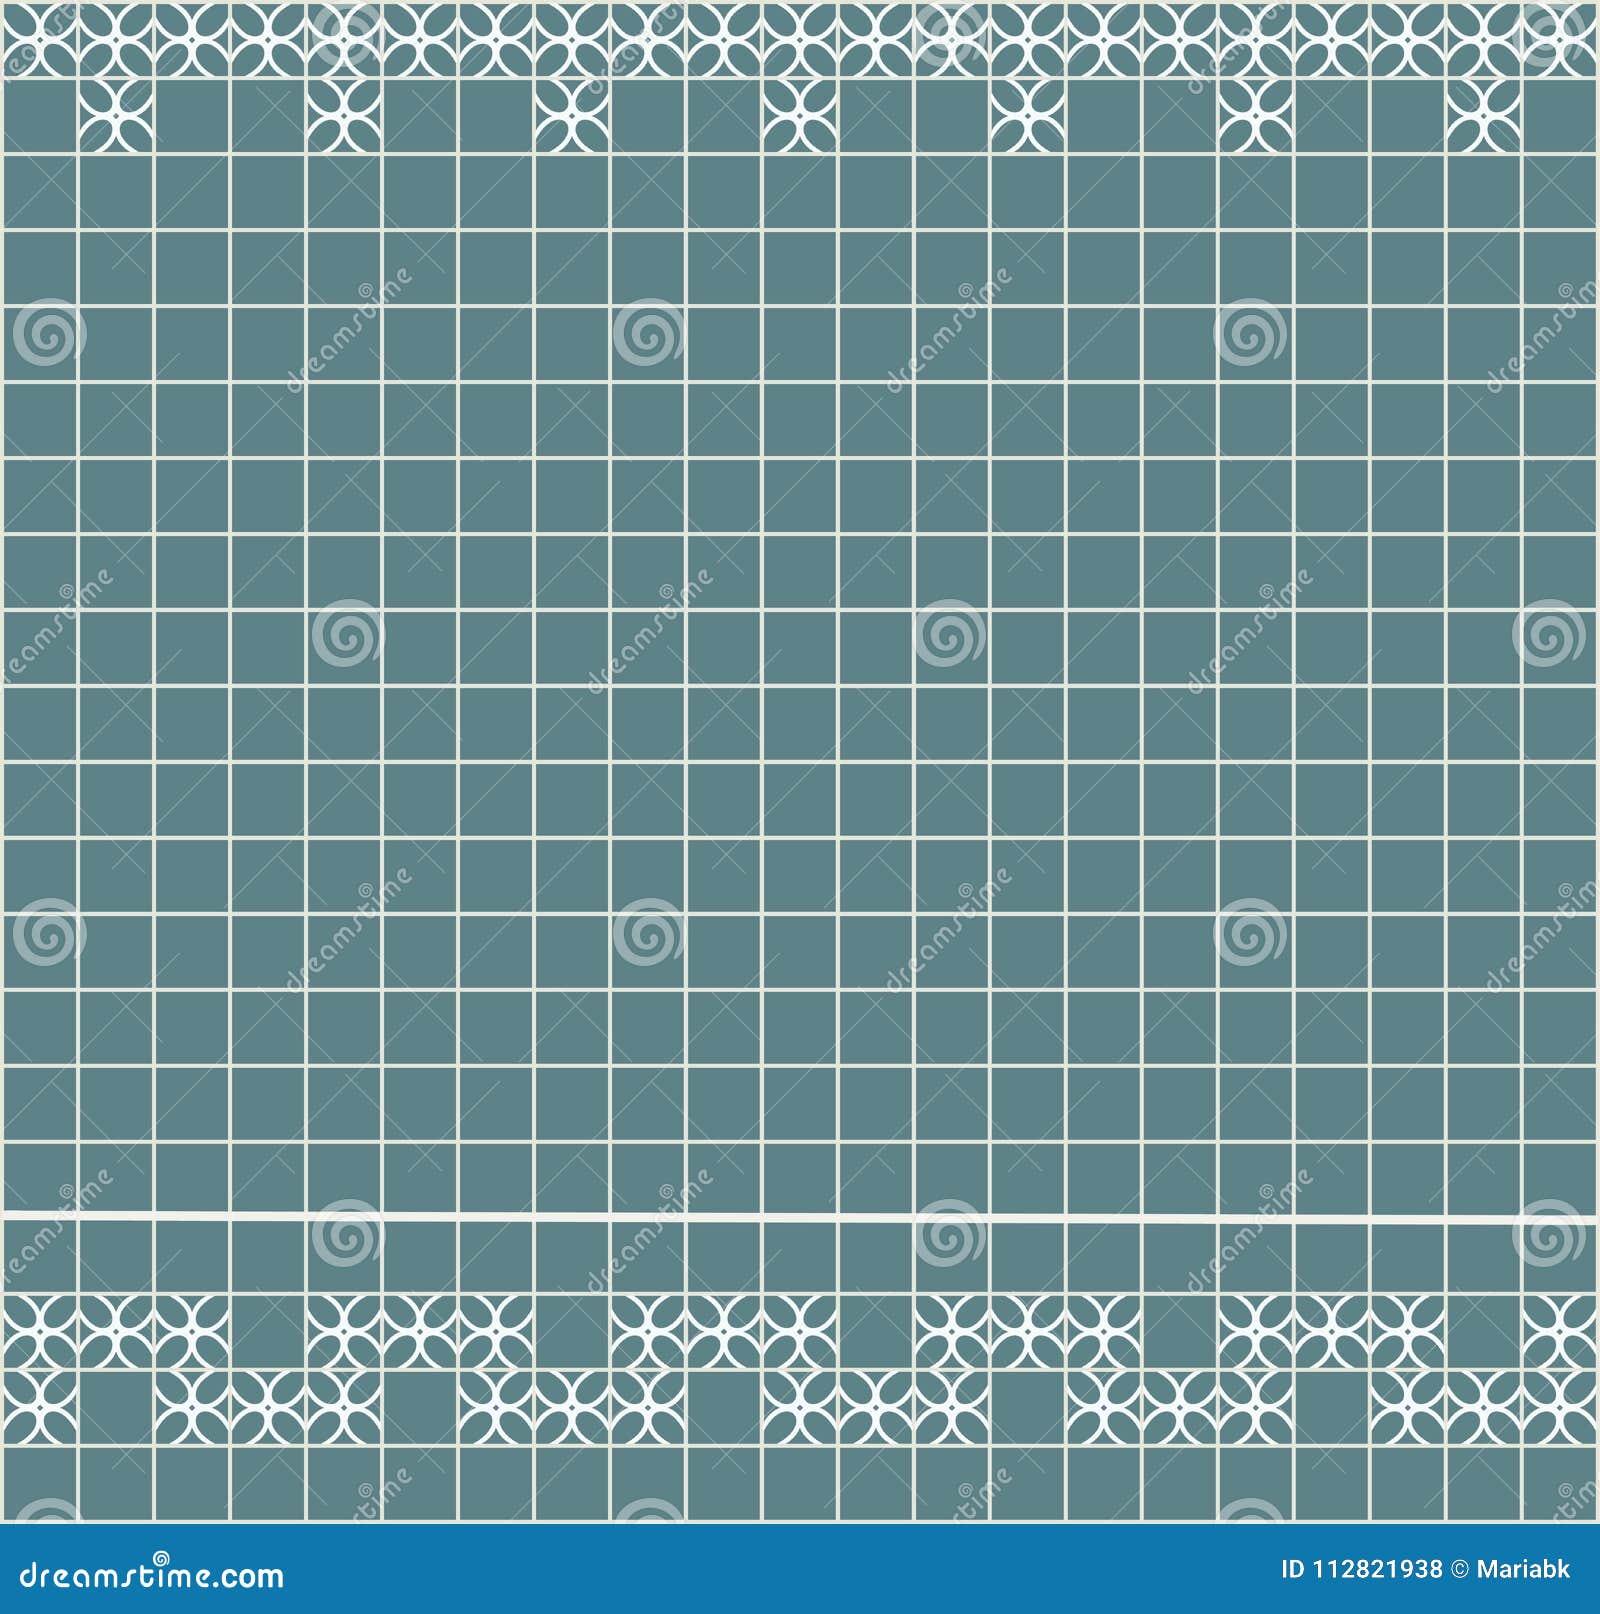 Fliesen Dekoration Stehlen Sie Quadratische Fliesen Der Knickente Mit Dekor  Innenarchitektur Für Küche, Badezimmer